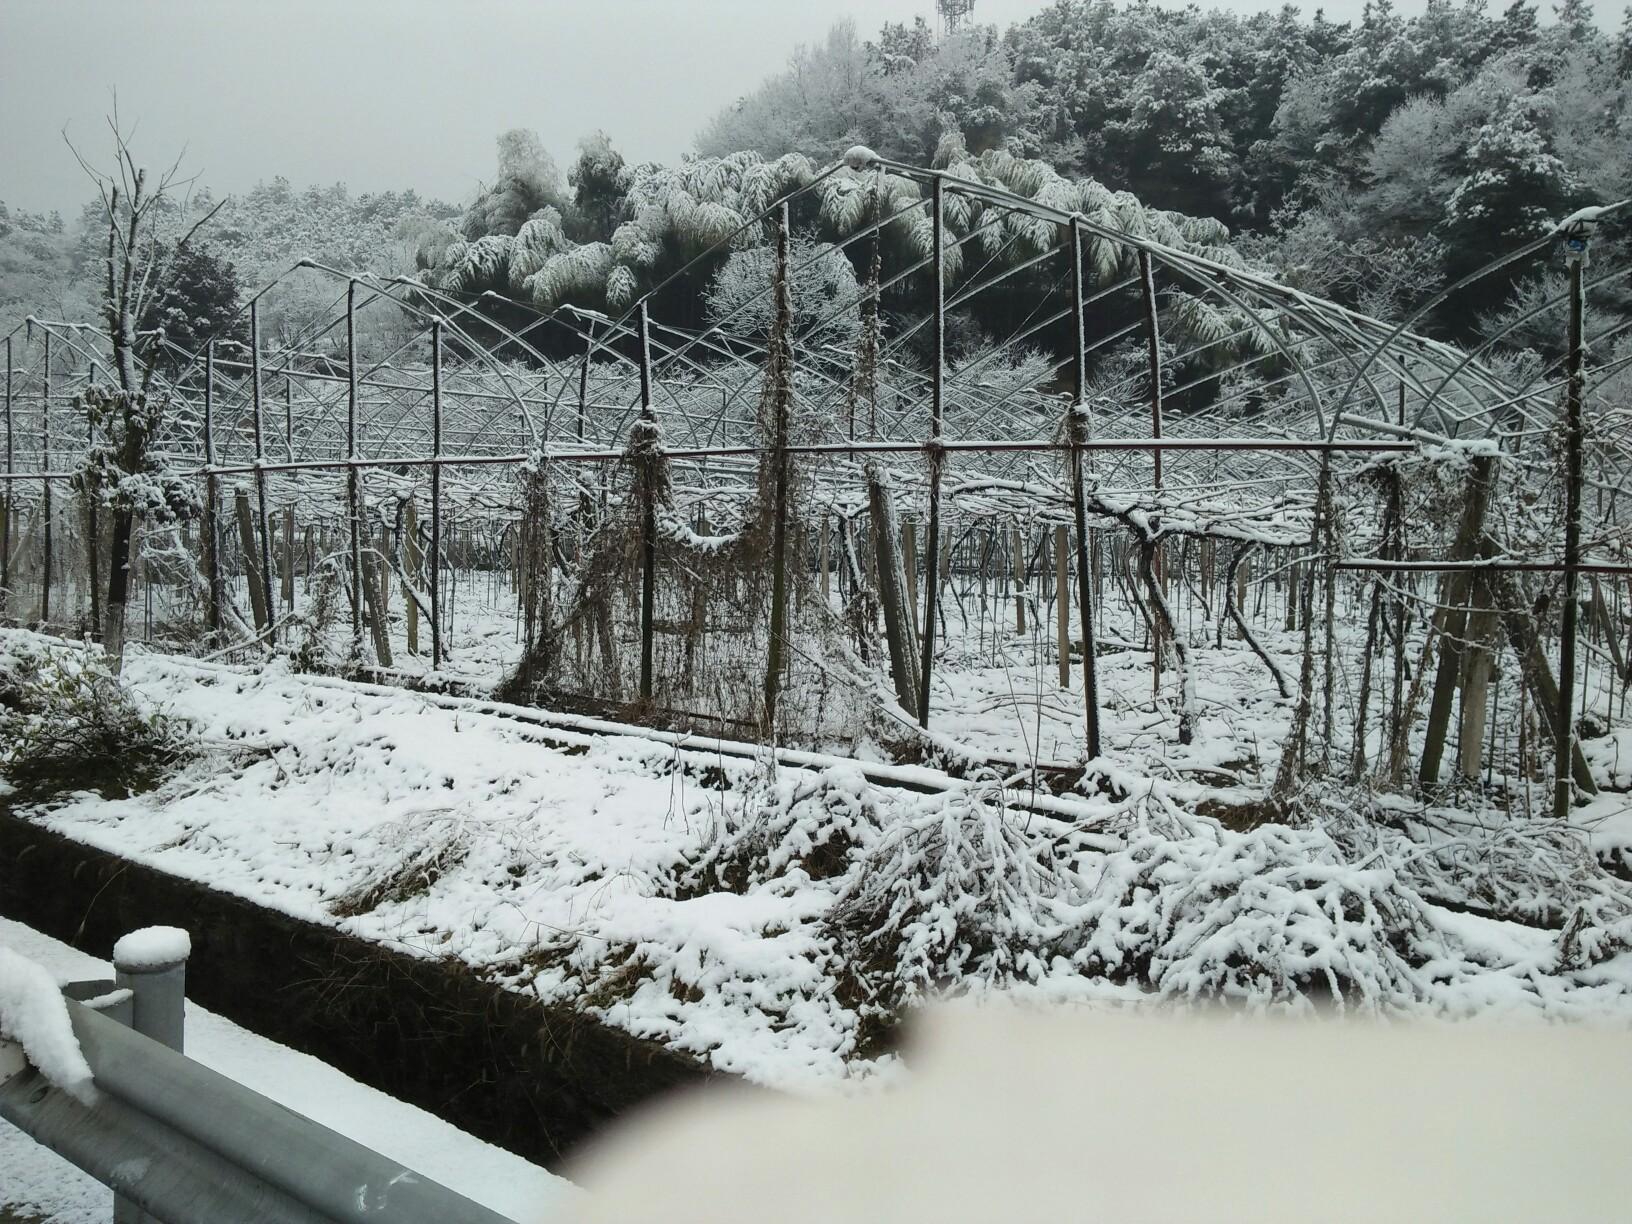 雪天风景水彩画